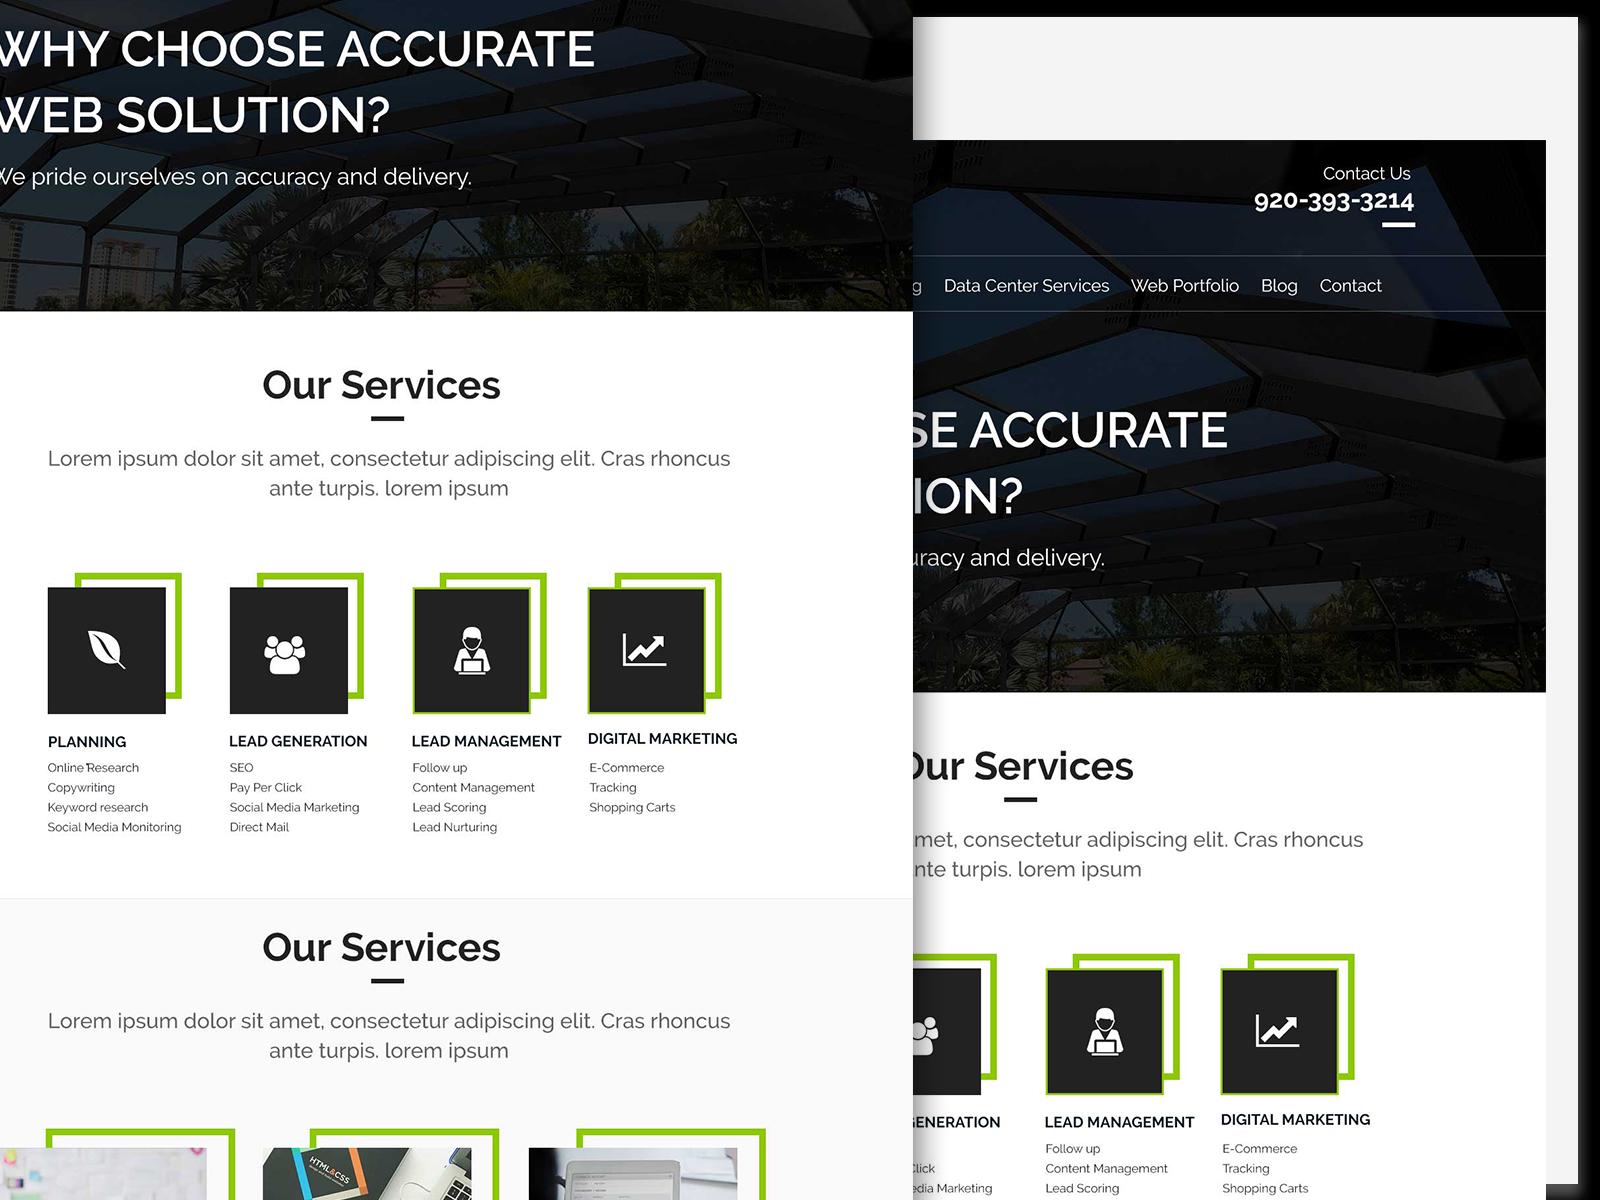 Mockup Website Psd Mobile App Landing Page Online Web Design